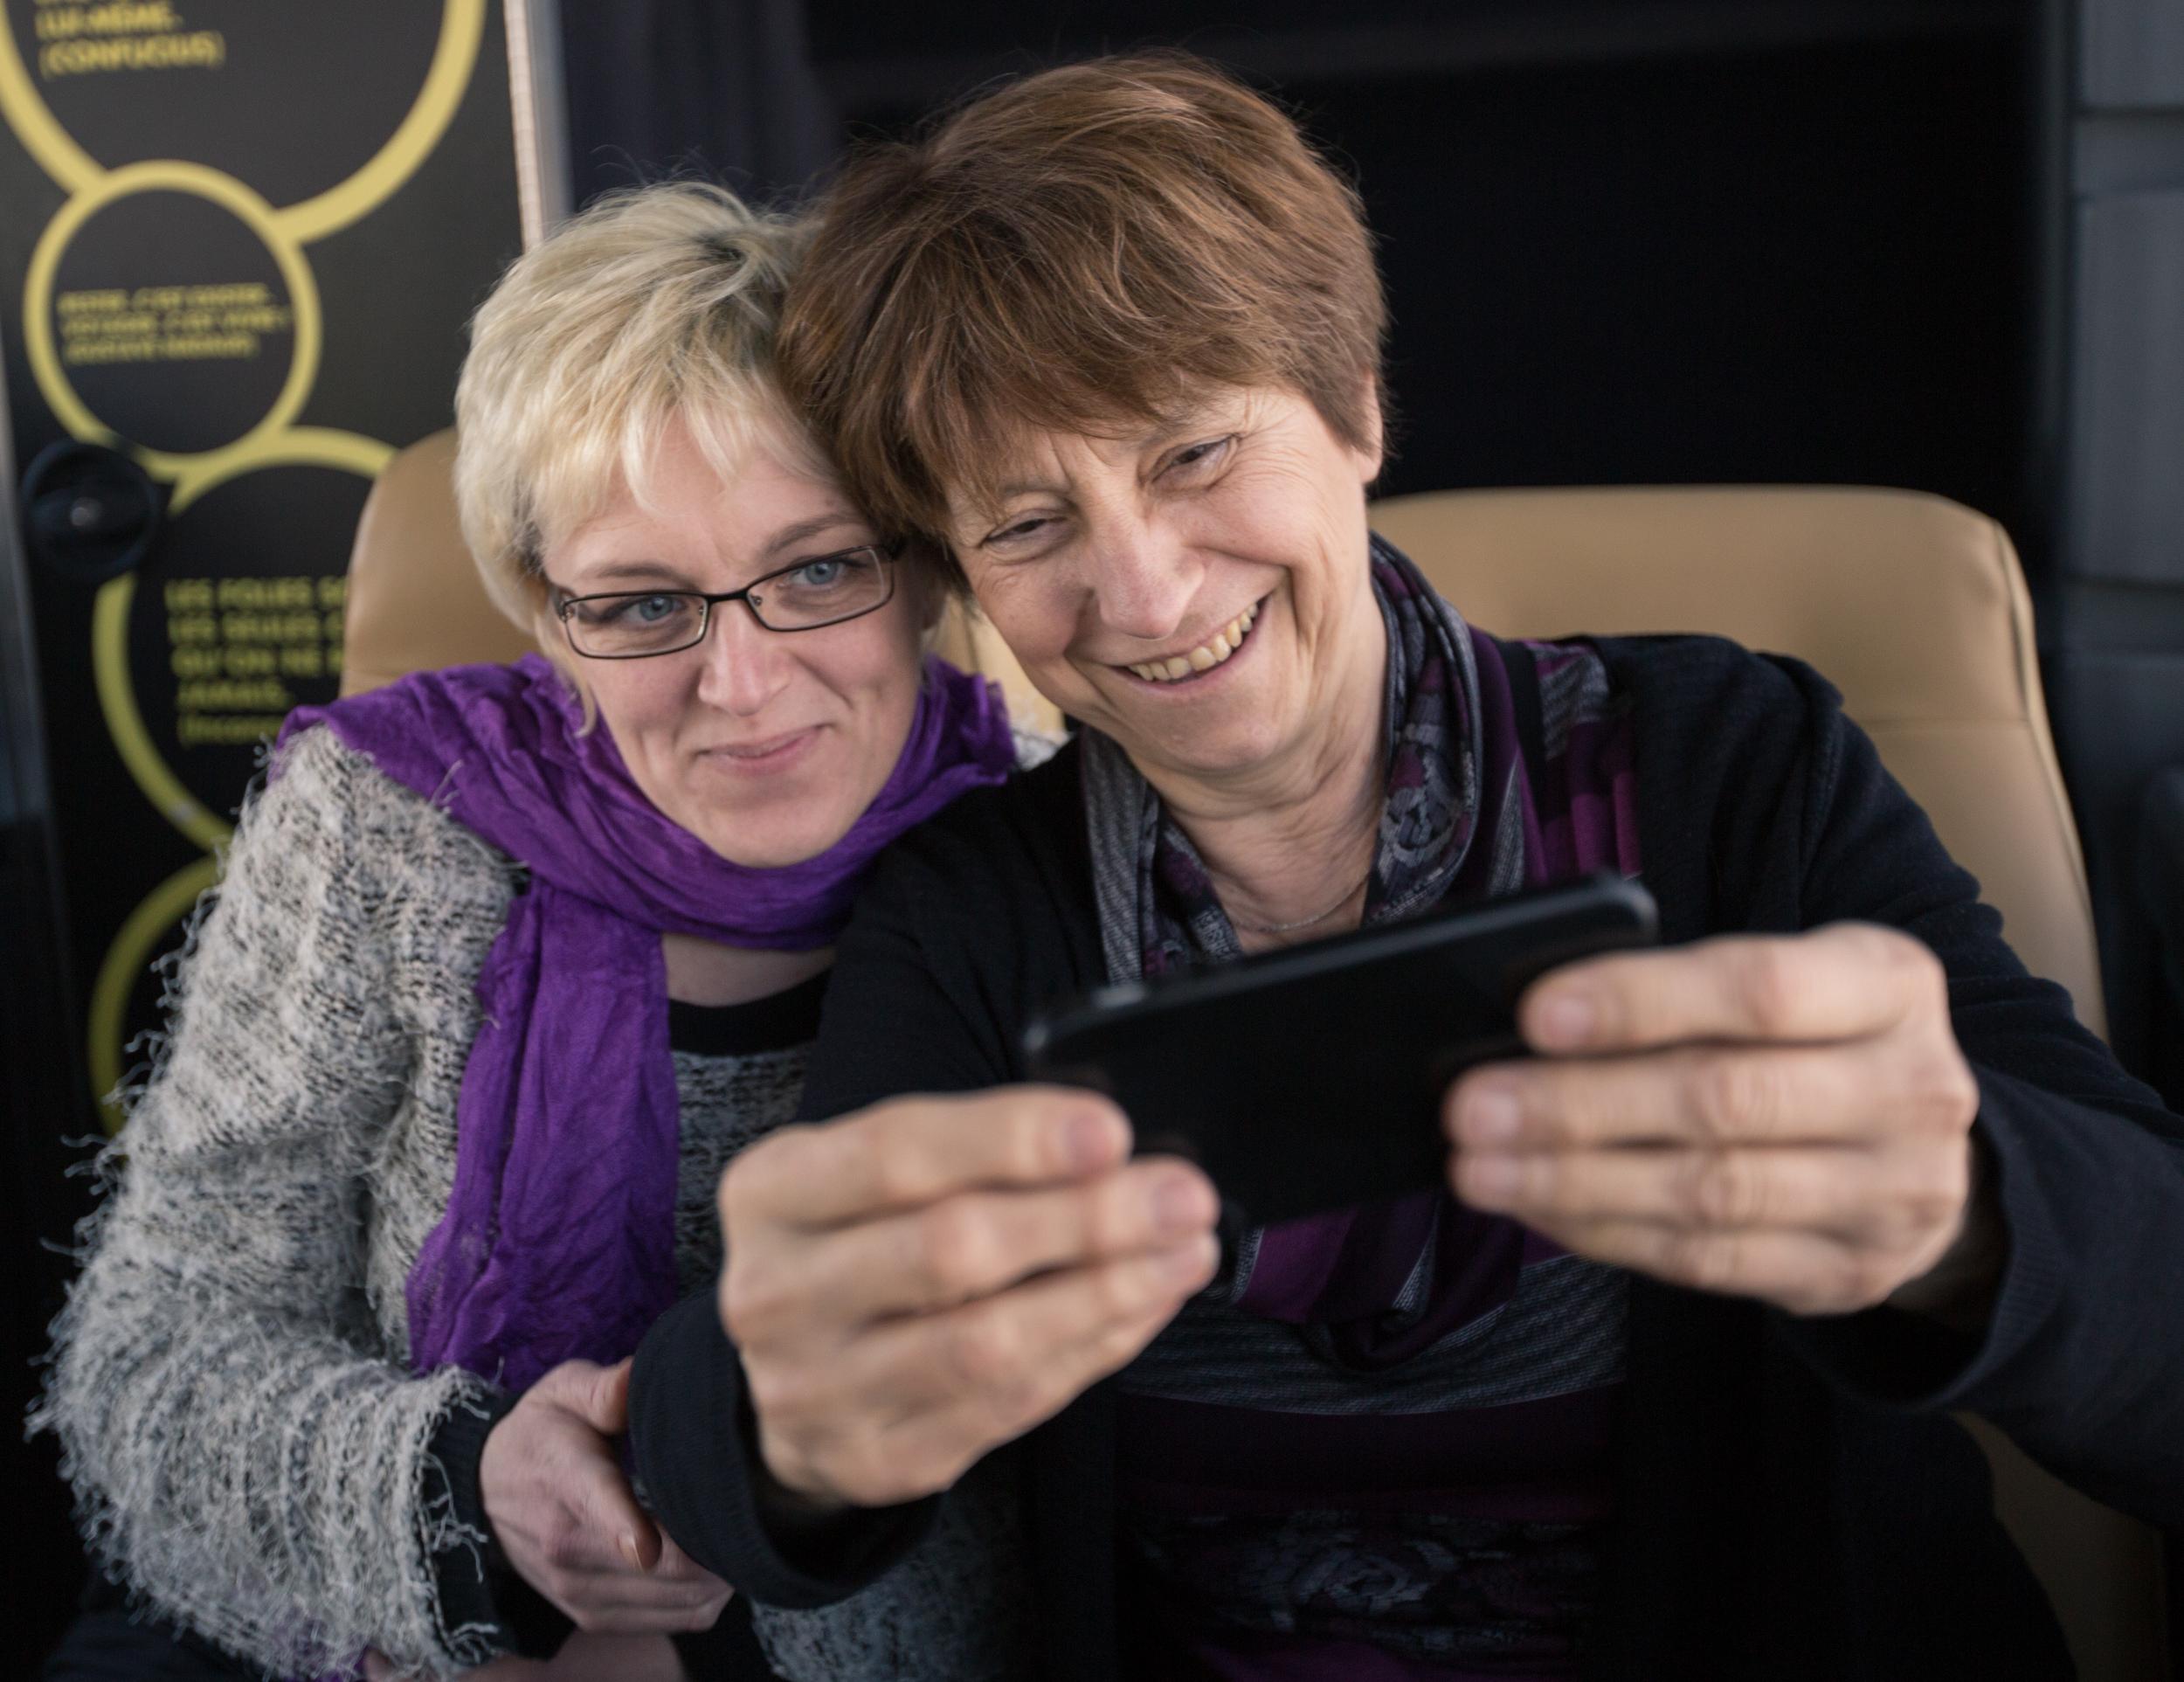 Françoise David, en pleine exécution d'un  selfie , en compagnie de l'une des organisatrices de la tournée, Josée Larouche.